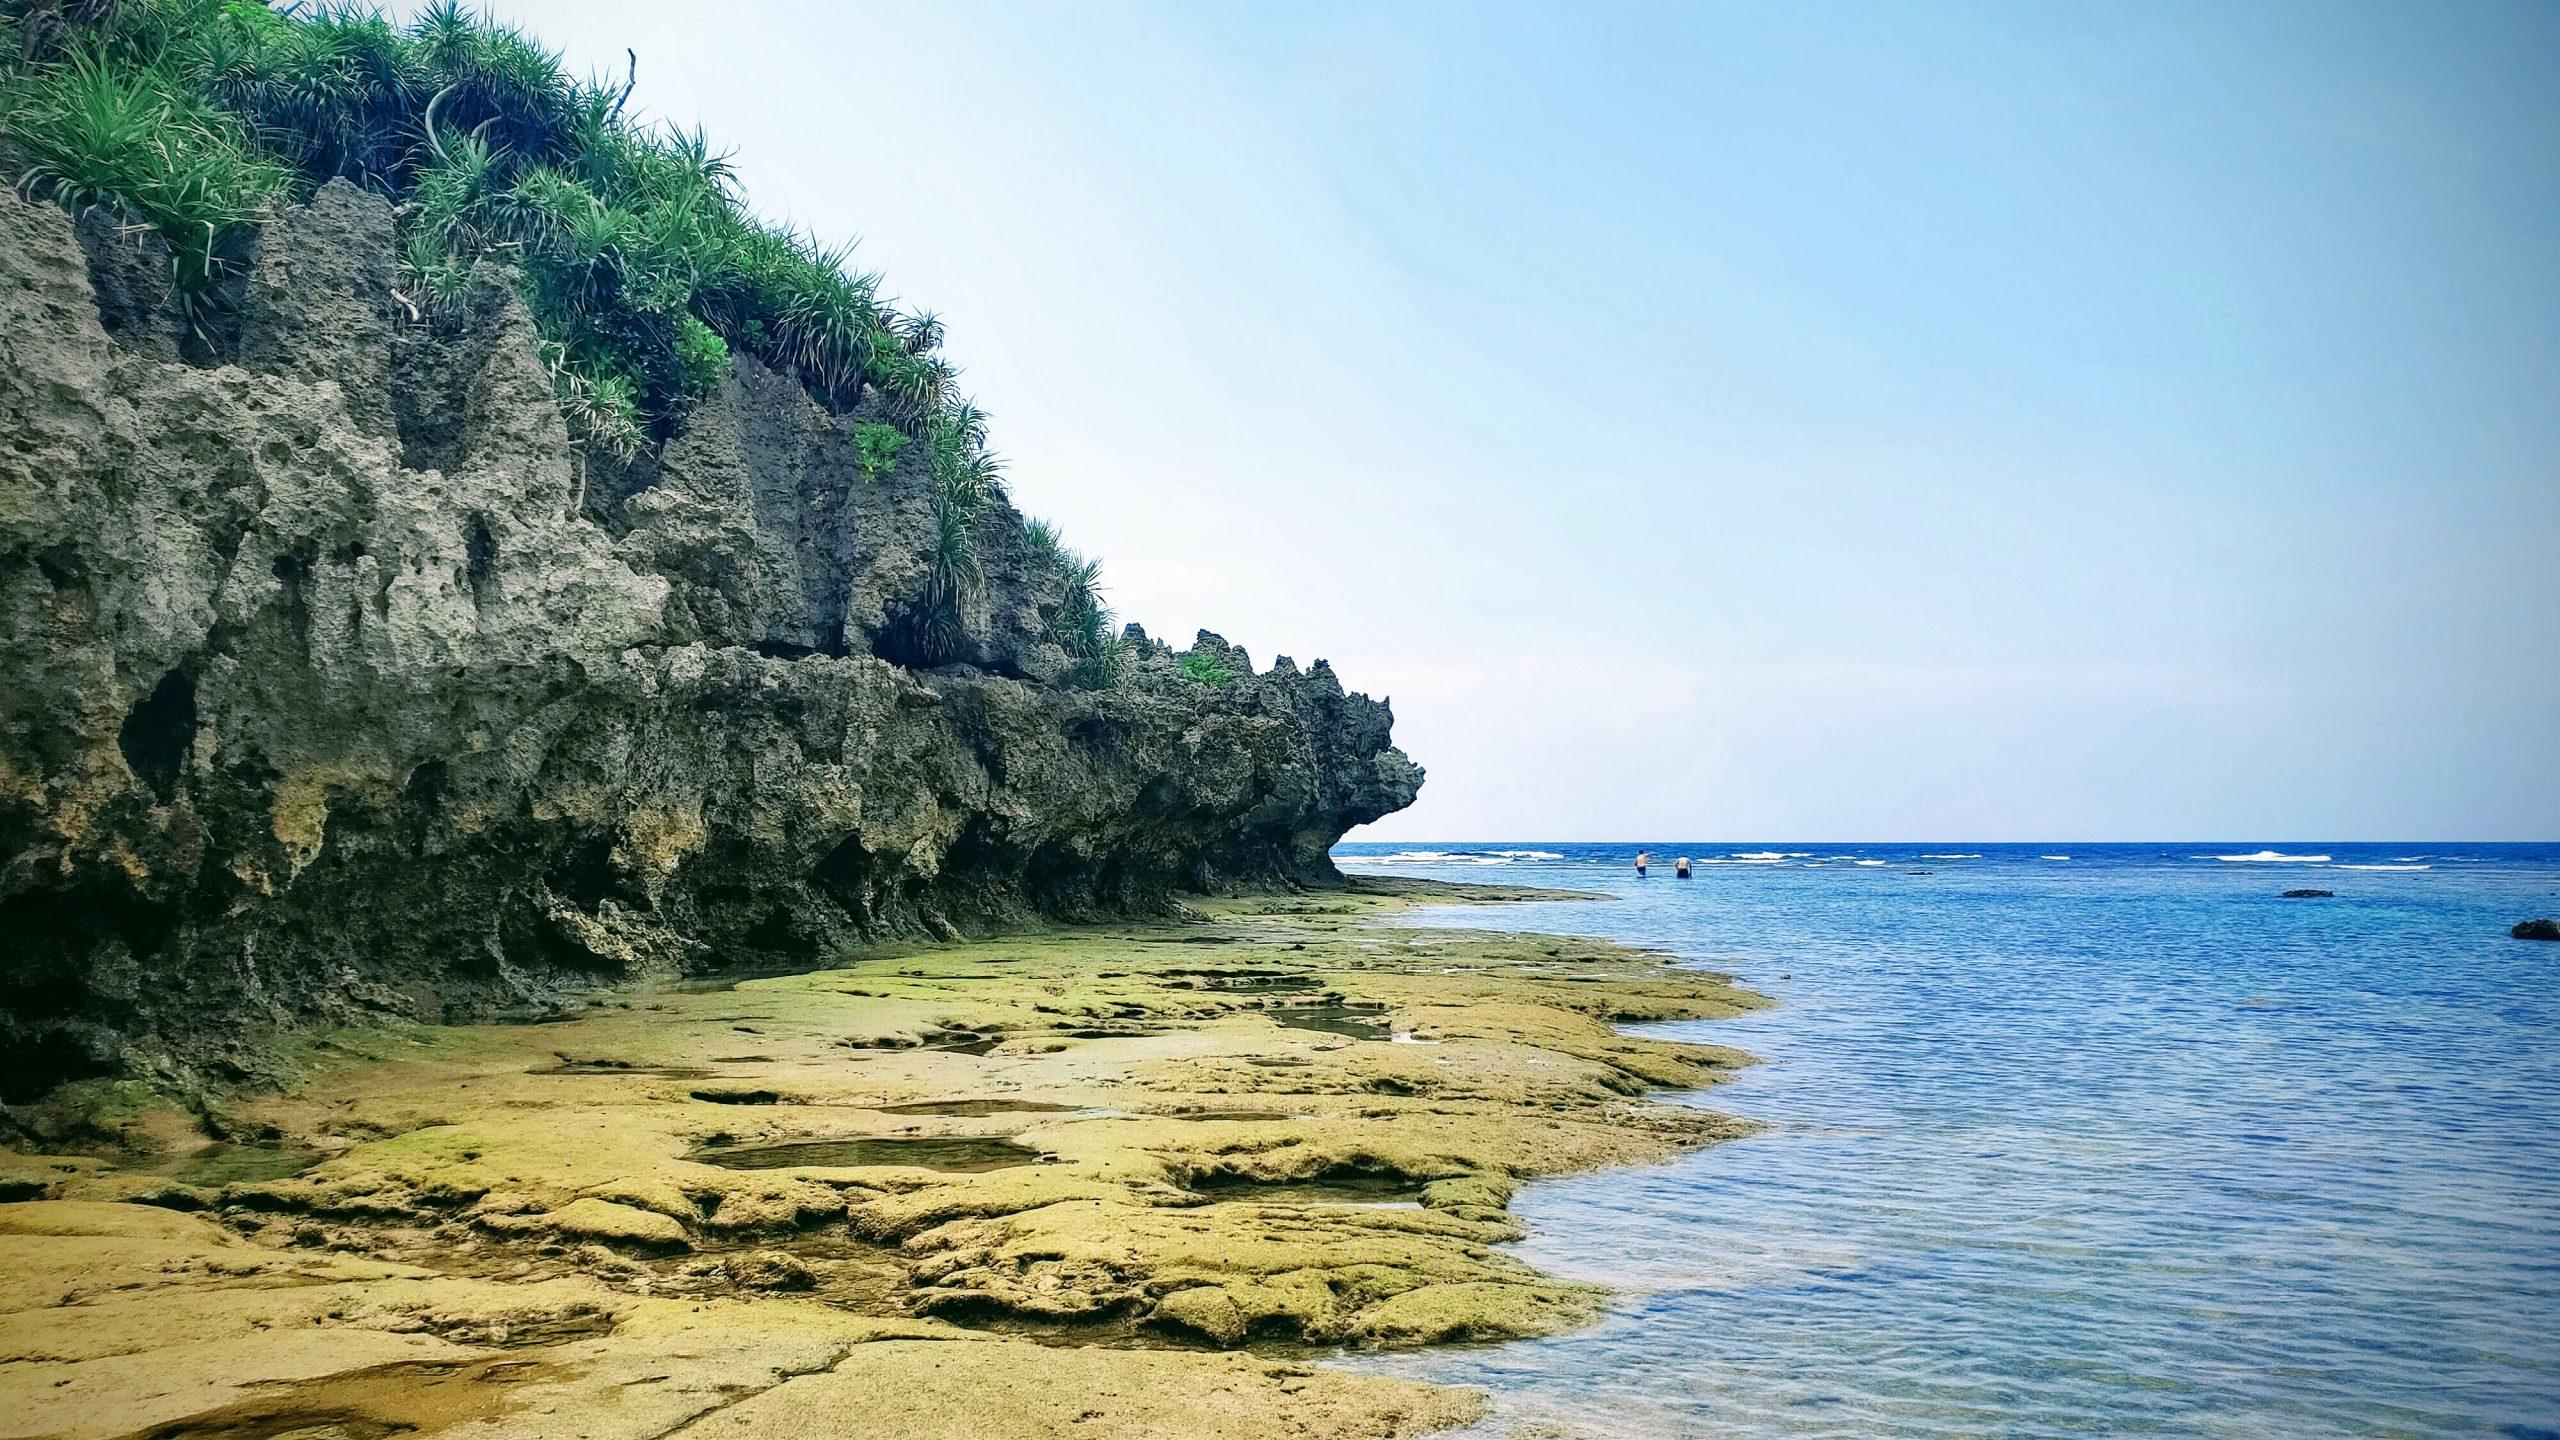 Okinawa coastline